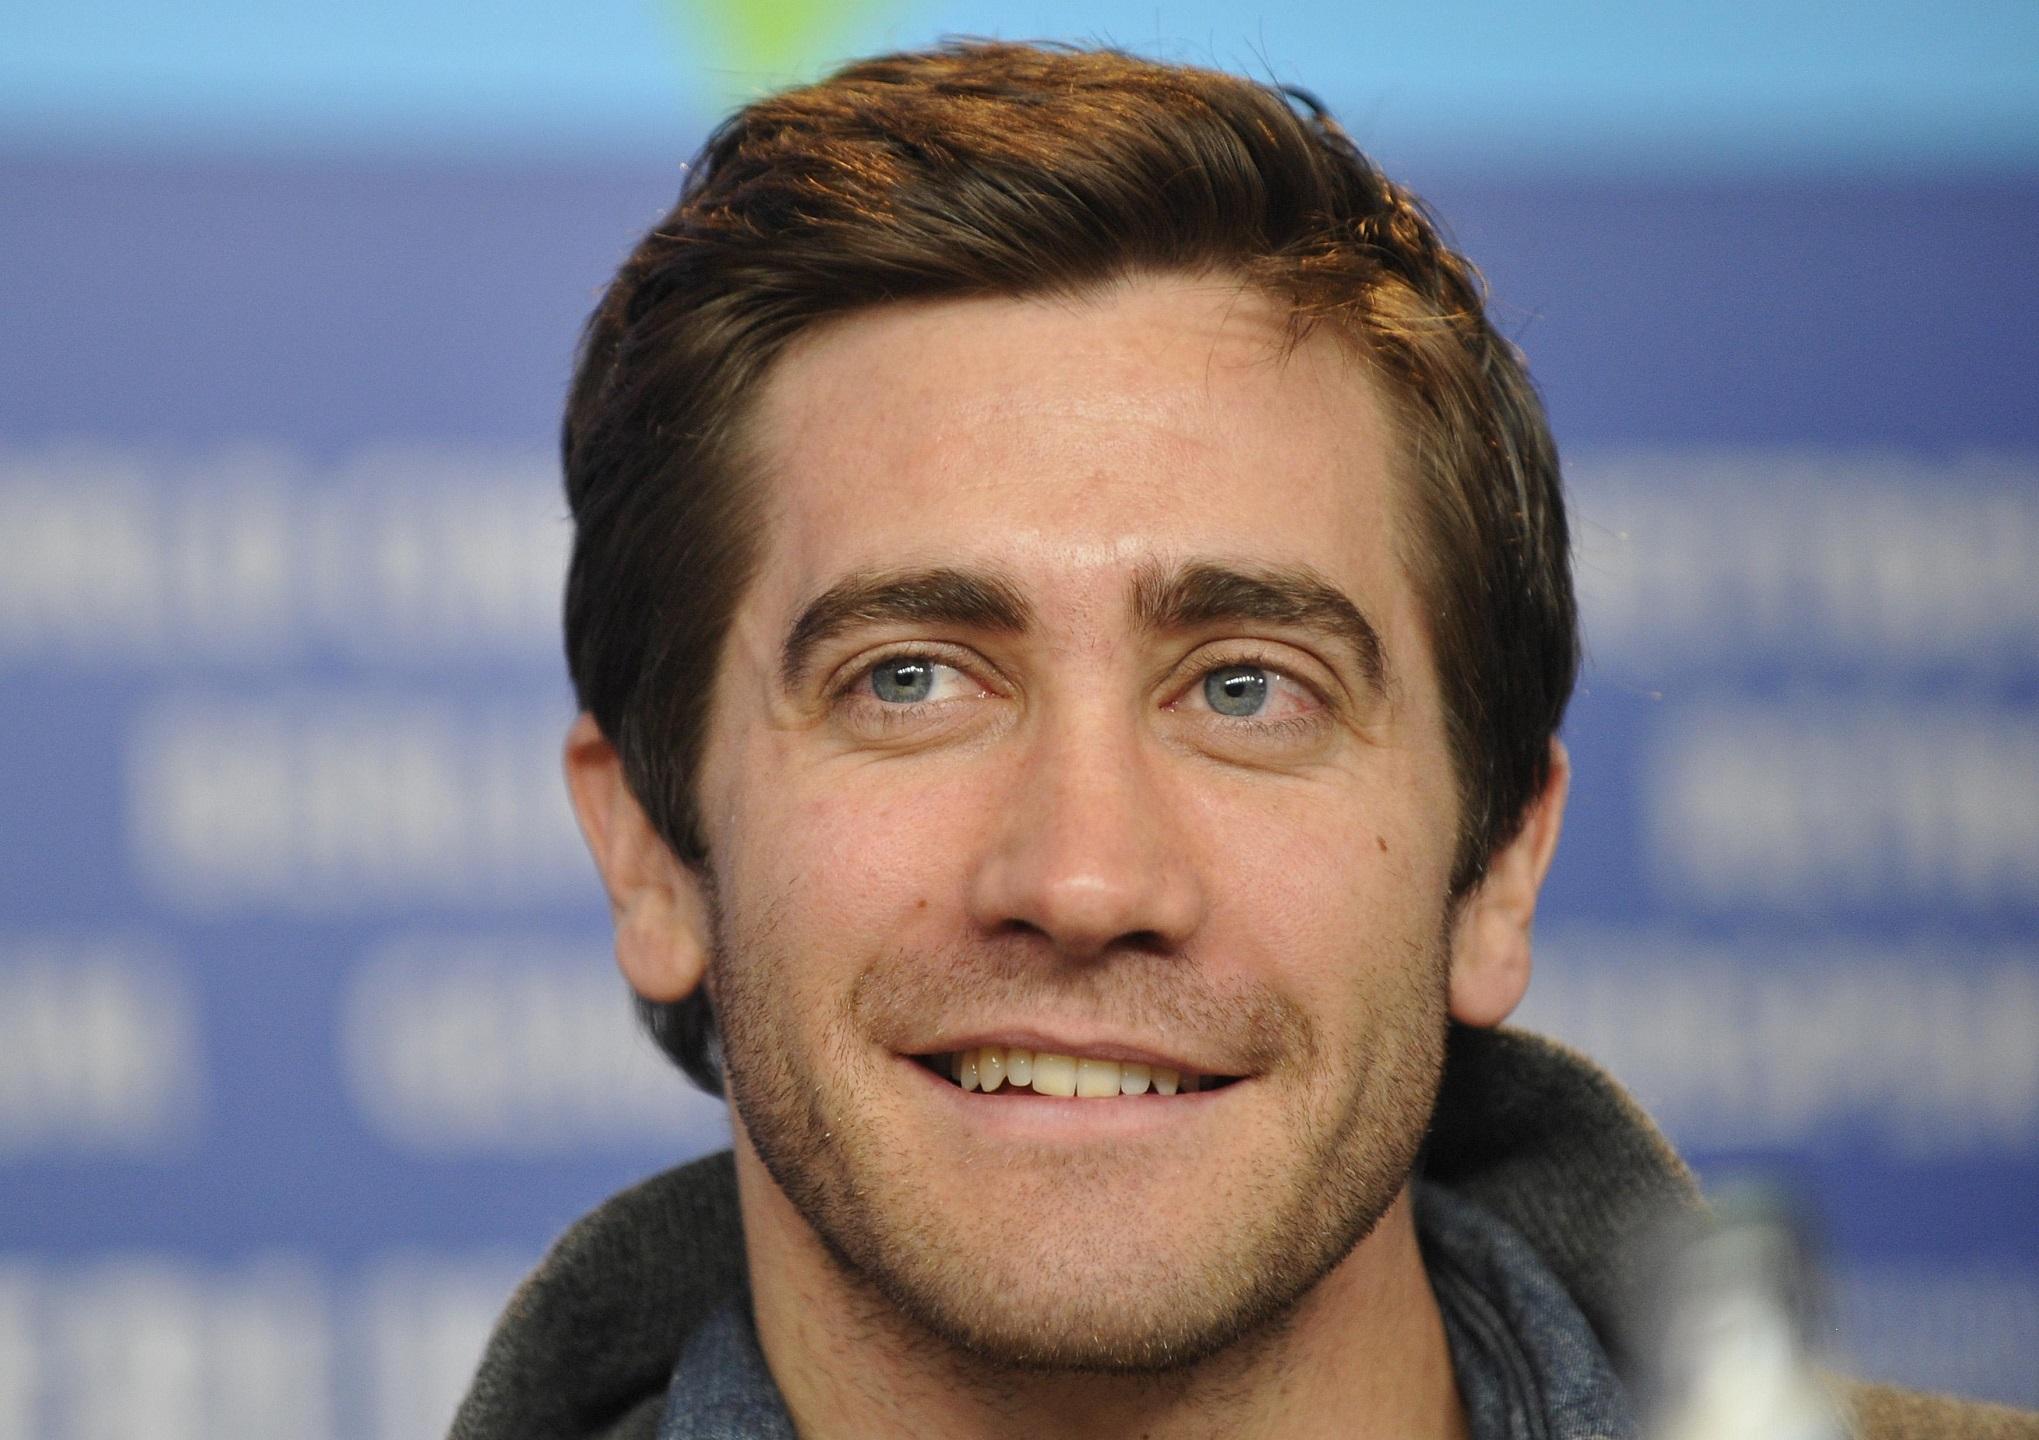 Jake Gyllenhaal For Desktop